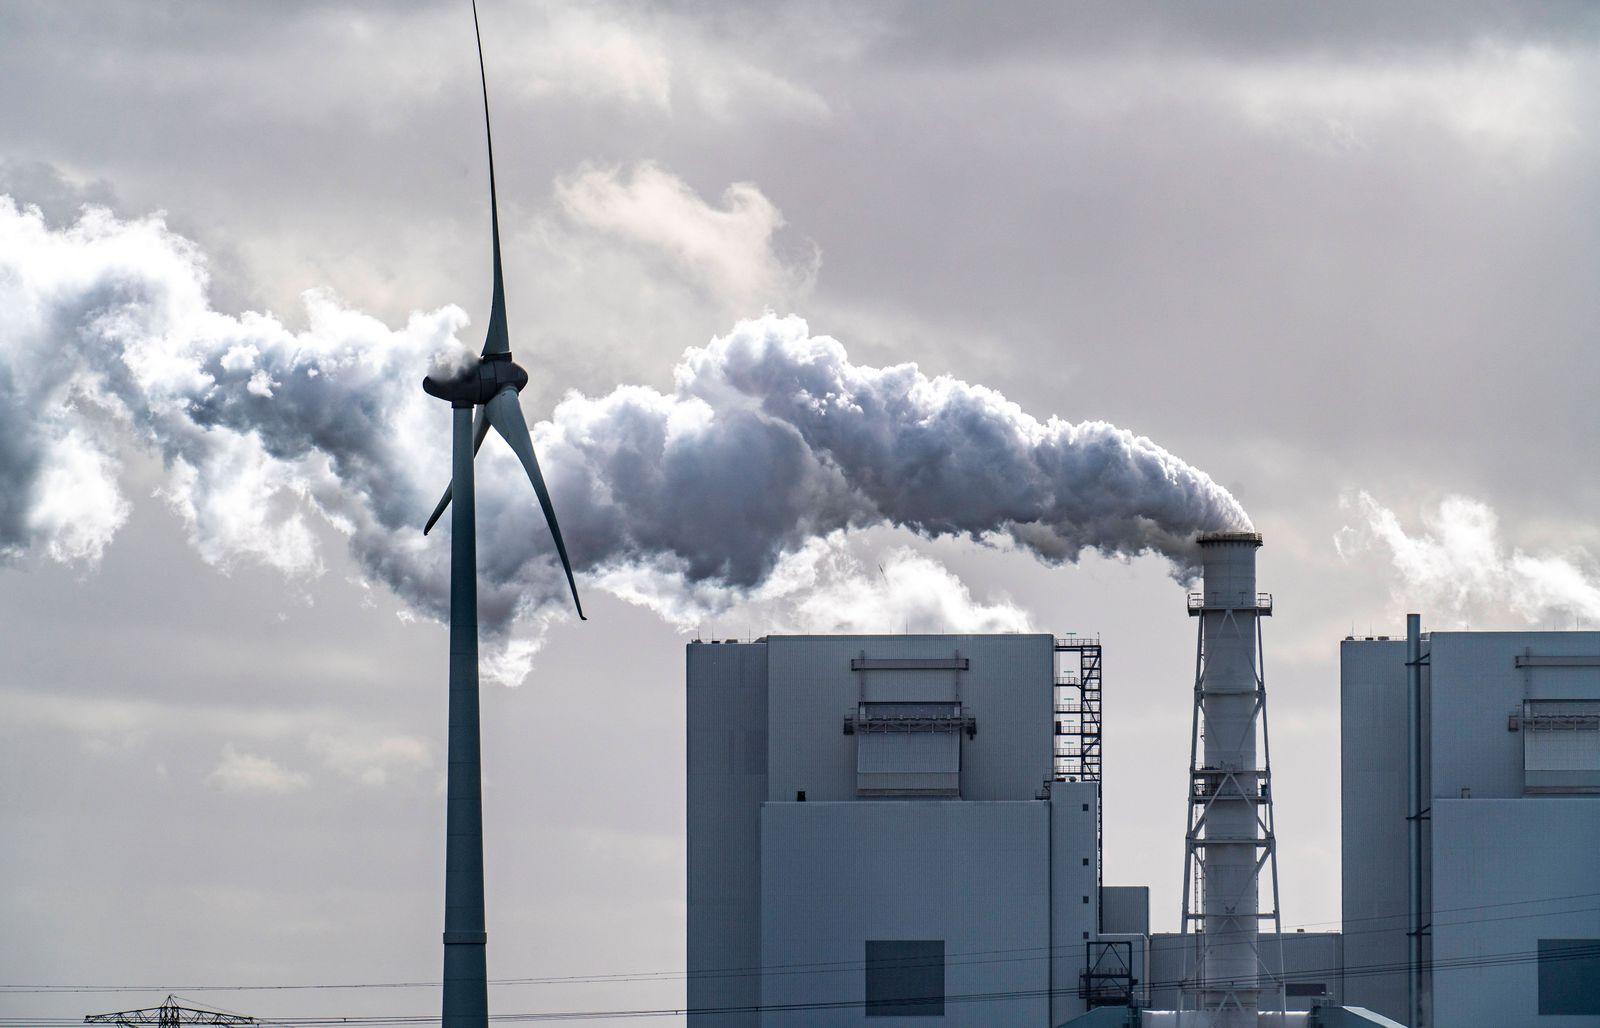 Energie Park Eemshaven, verschiedene Kraftwerke und die Windparks Westereems und Growind, insgesamt über 80 Windenergiea